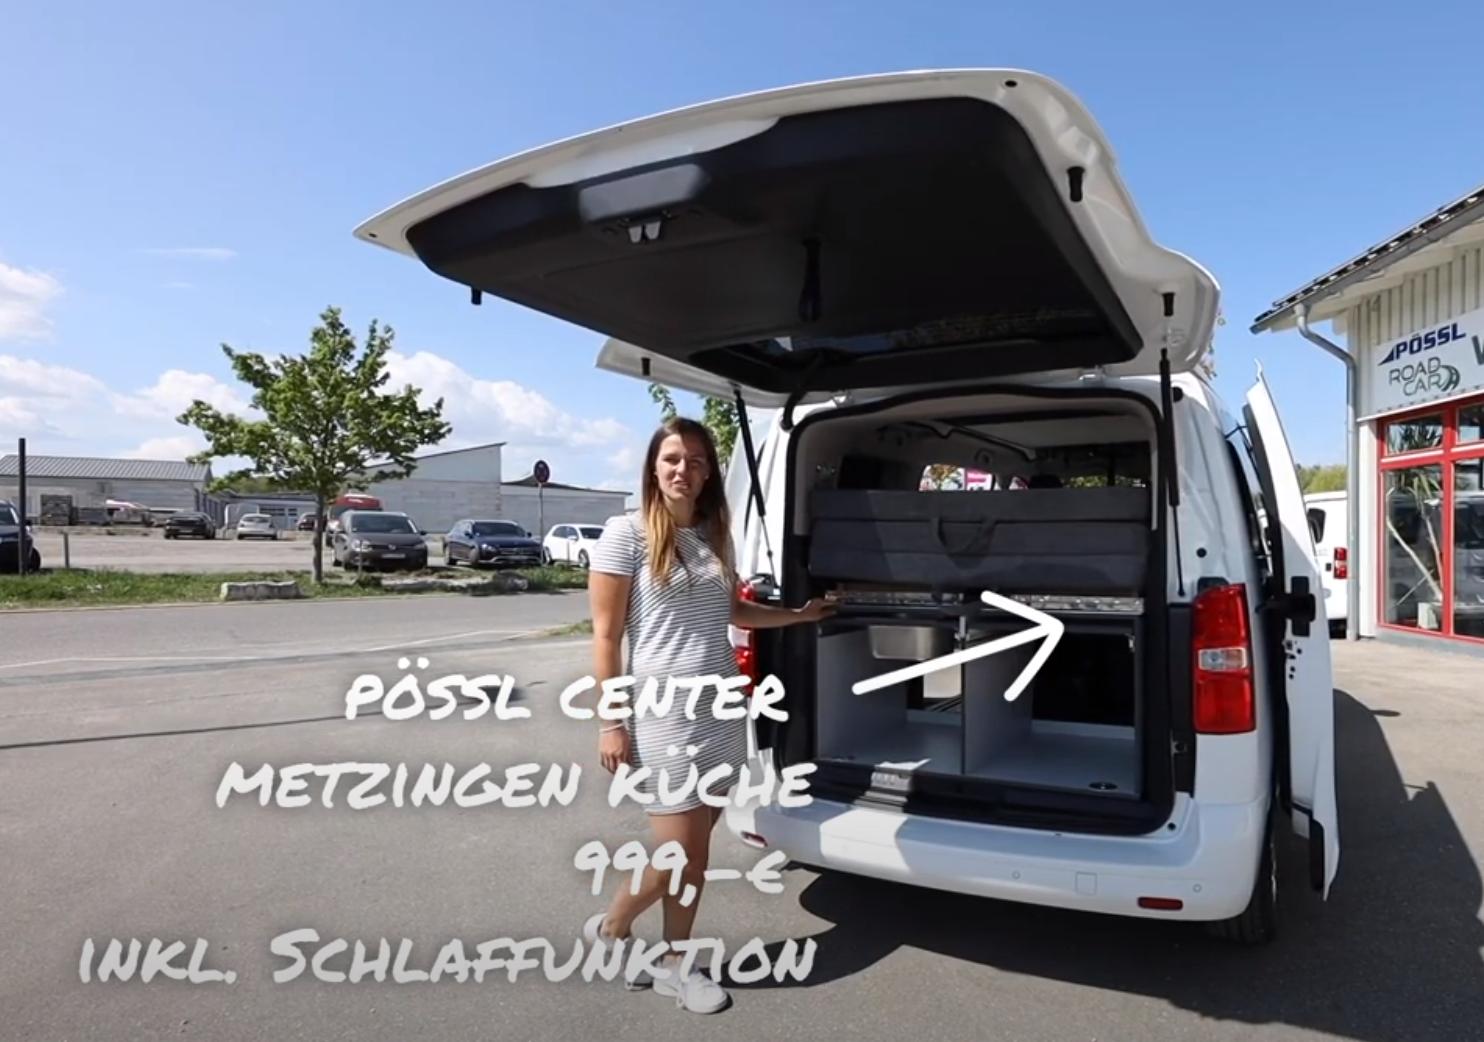 Pössl Center Metzingen - Küche für Campster inkl. Schlafunktion